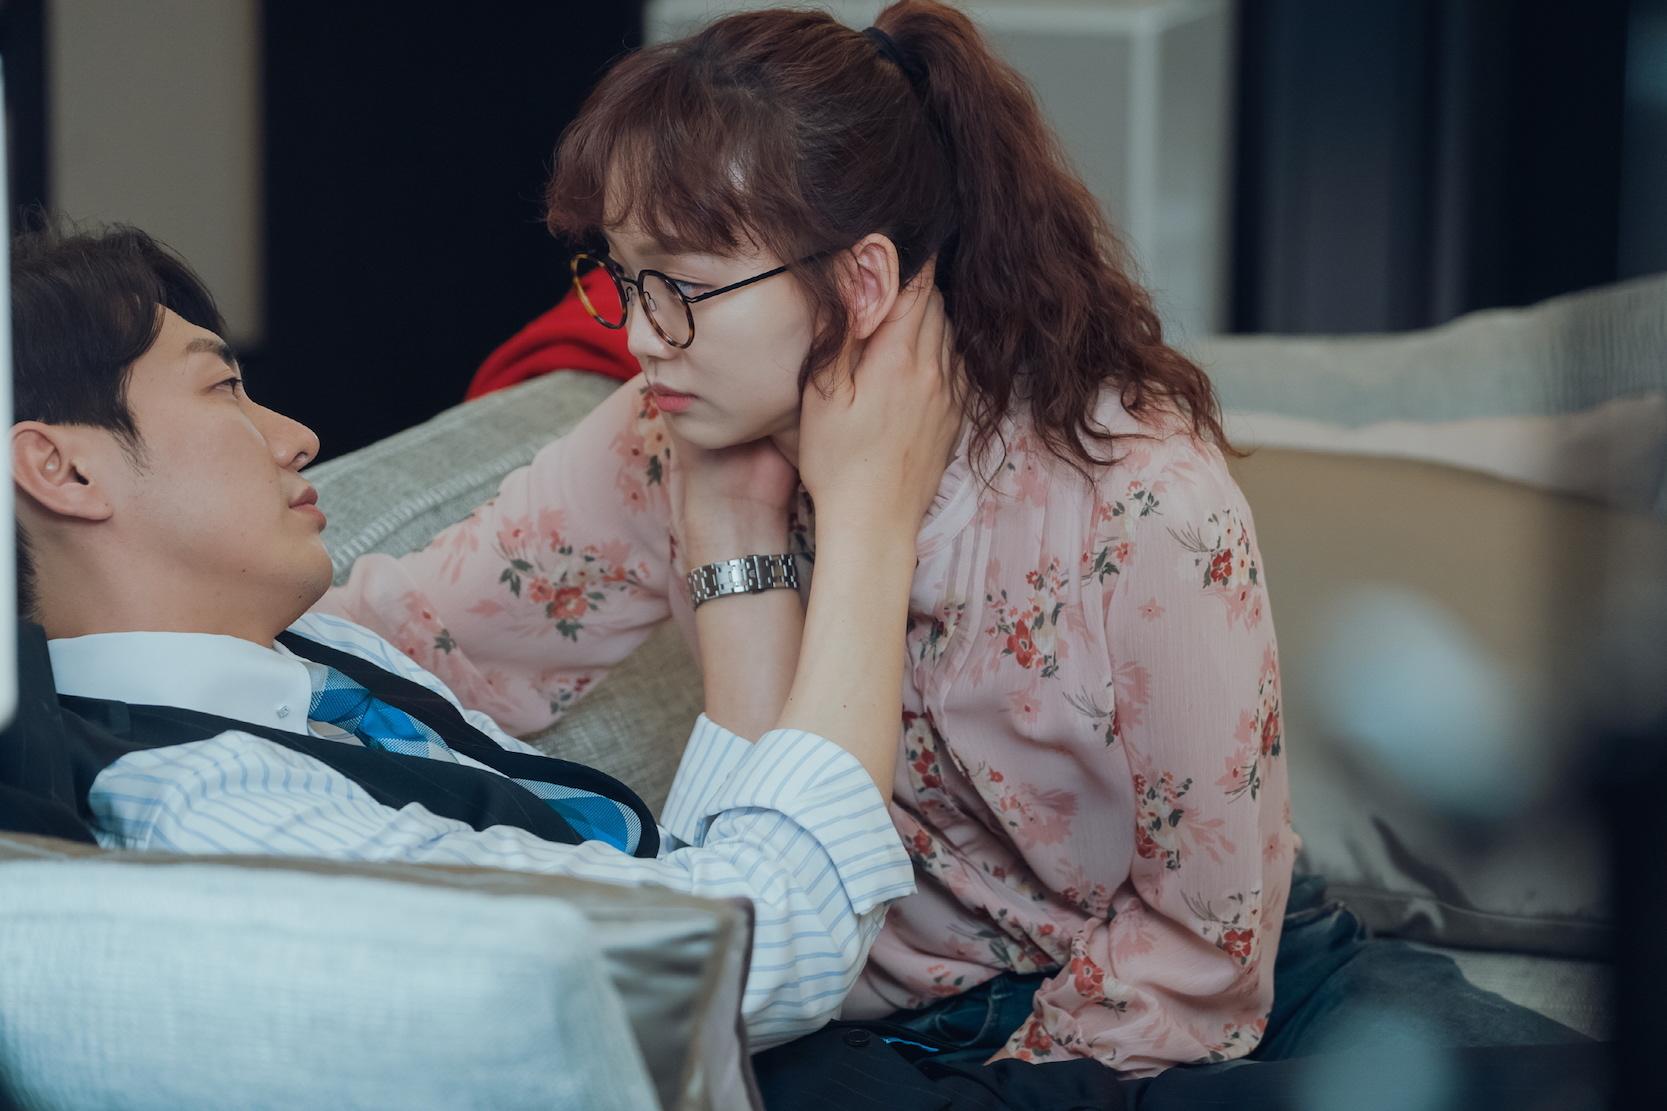 魅力炸裂!「初対面だけど愛してます」キム・ヨングァンさんインタビュー_1_4-2